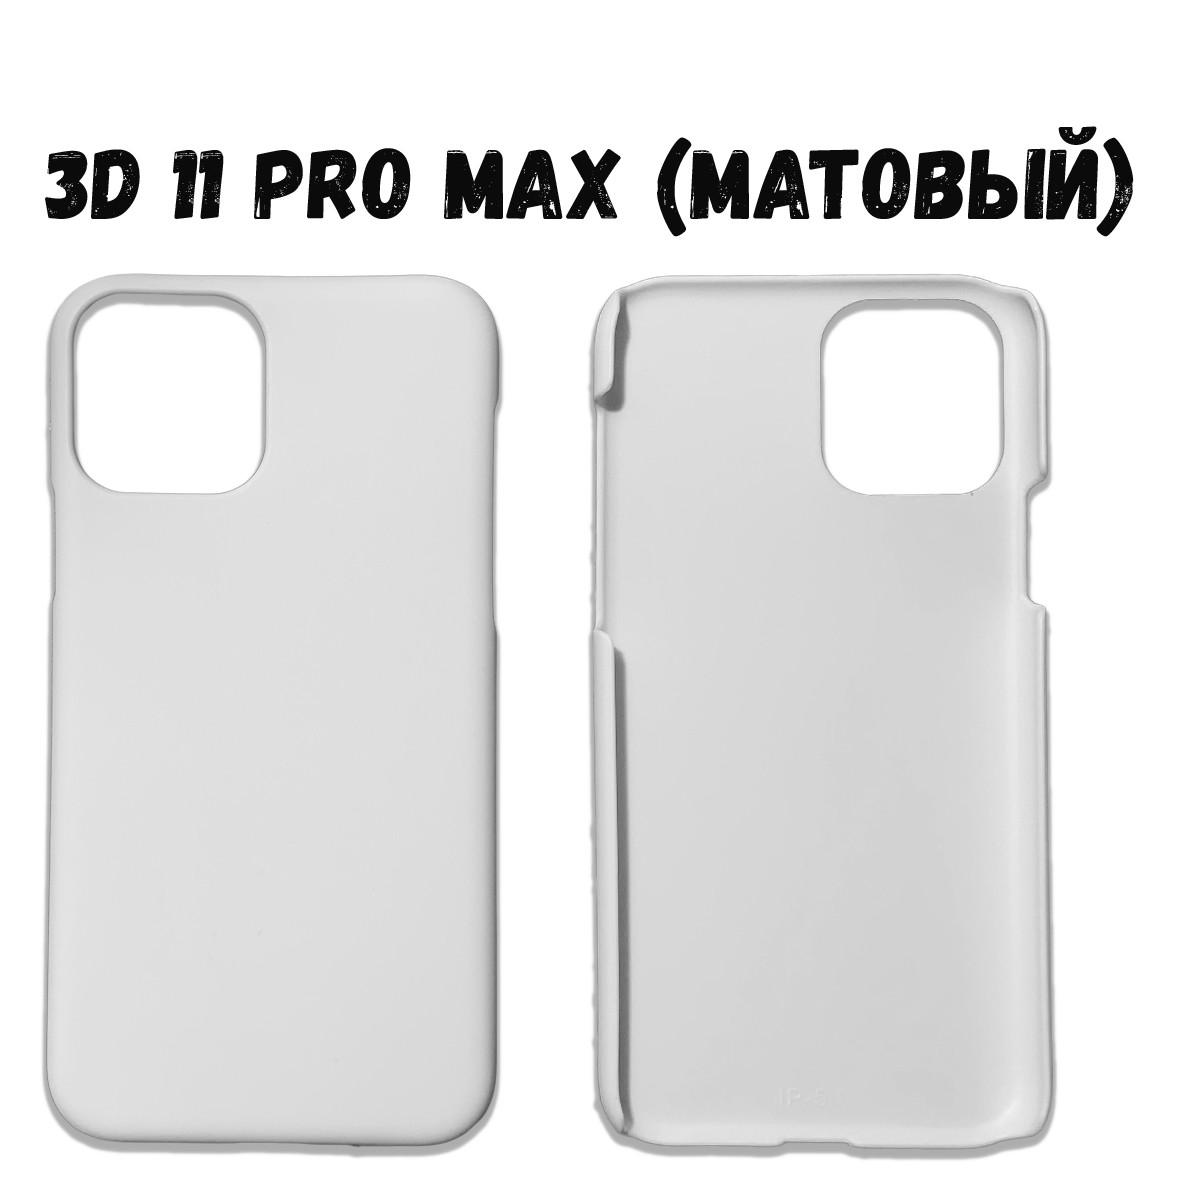 Чехол 3D iPhone 11 PRO MAX пластиковый белый (матовый)